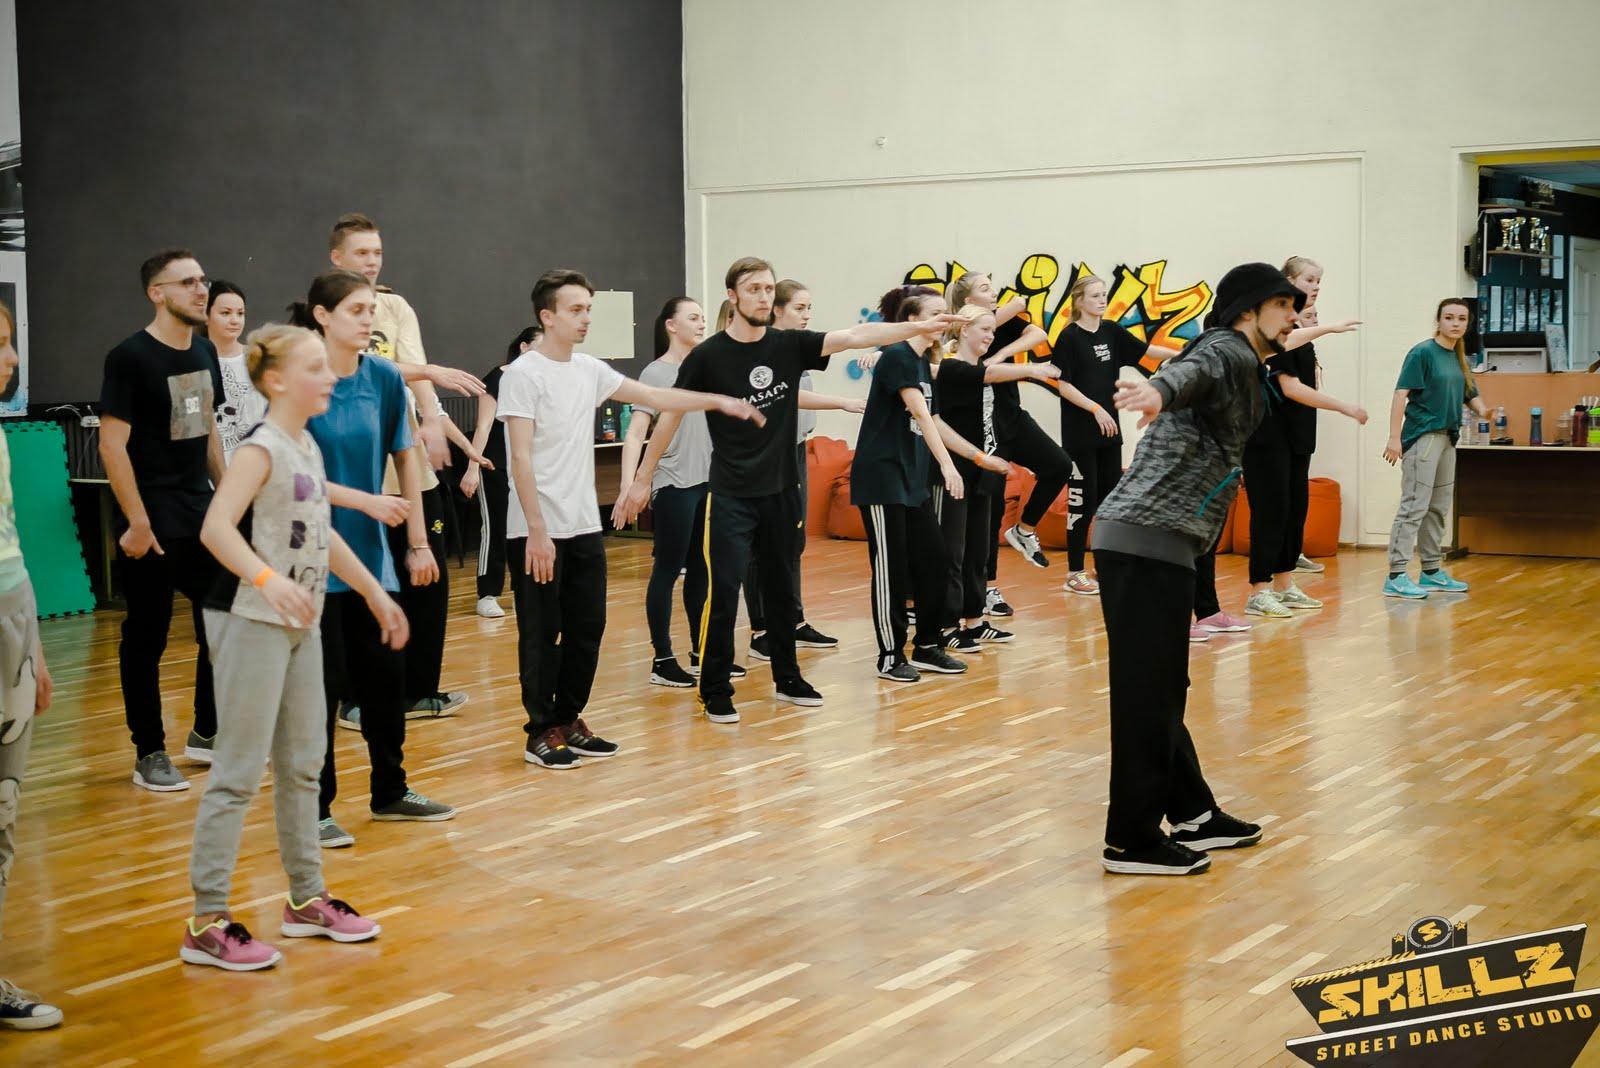 Hip hop seminaras su Jeka iš Maskvos - _1050180.jpg